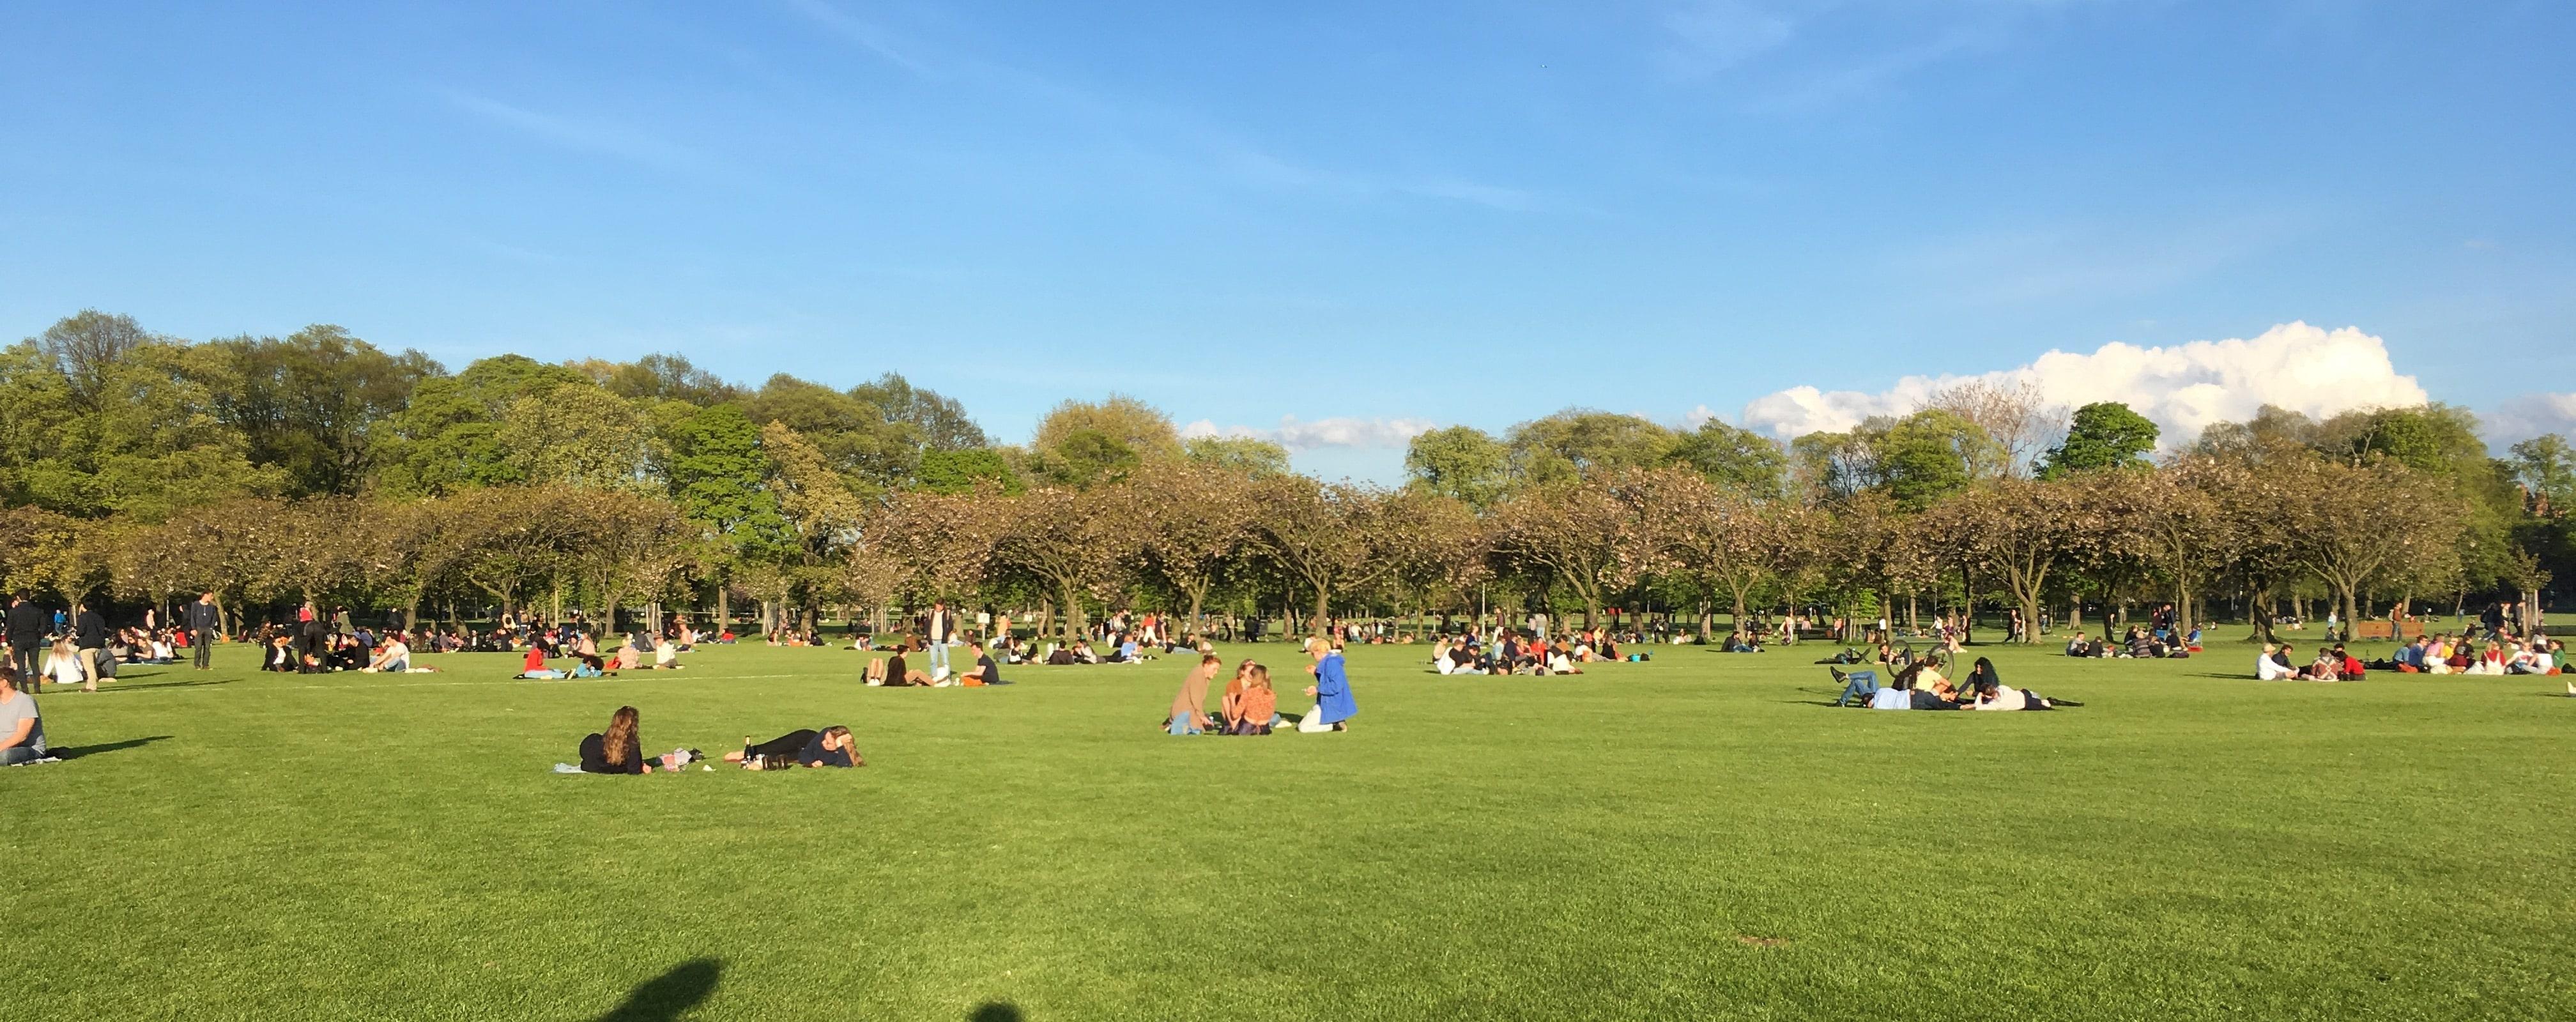 盛夏的meadows上三五成群的人在闲聊,老外很喜欢这种户外的社交;尤其是出太阳的时候,草坪上是密密麻麻的人和狗